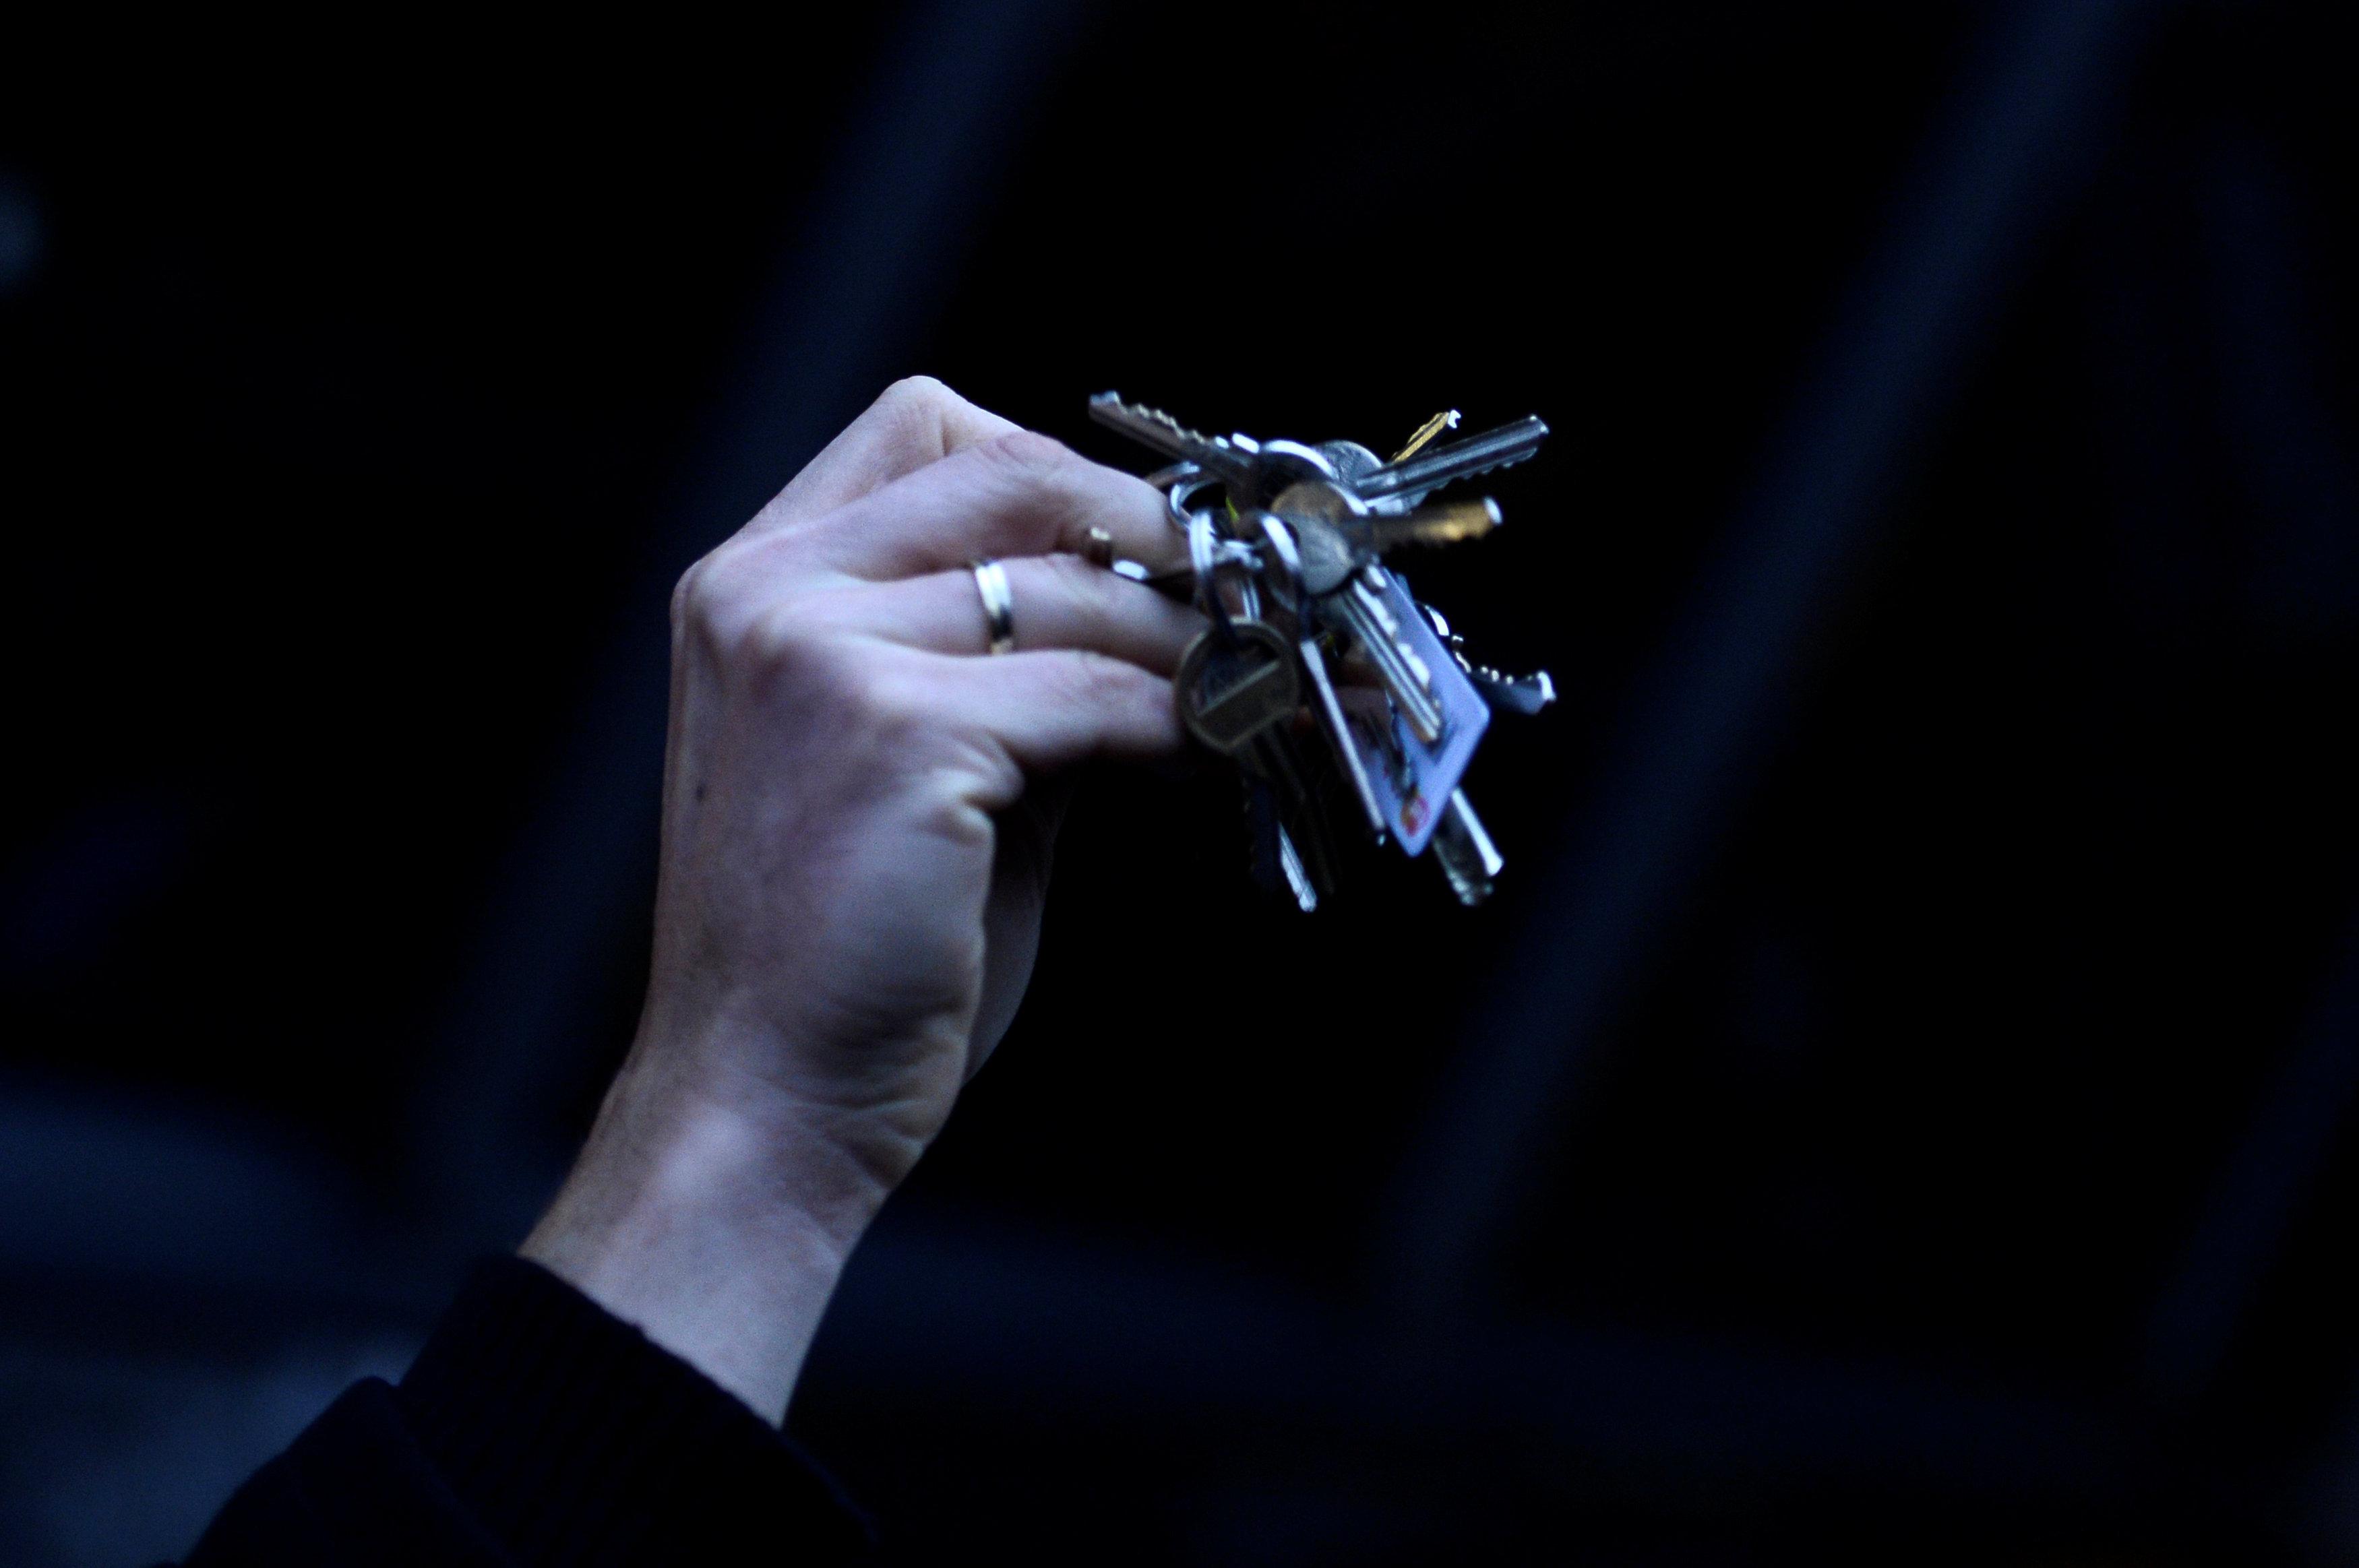 Un manifestante hace sonar las llaves durante una protesta llamada Defendamos la decencia en Eslovaquia en Bratislava